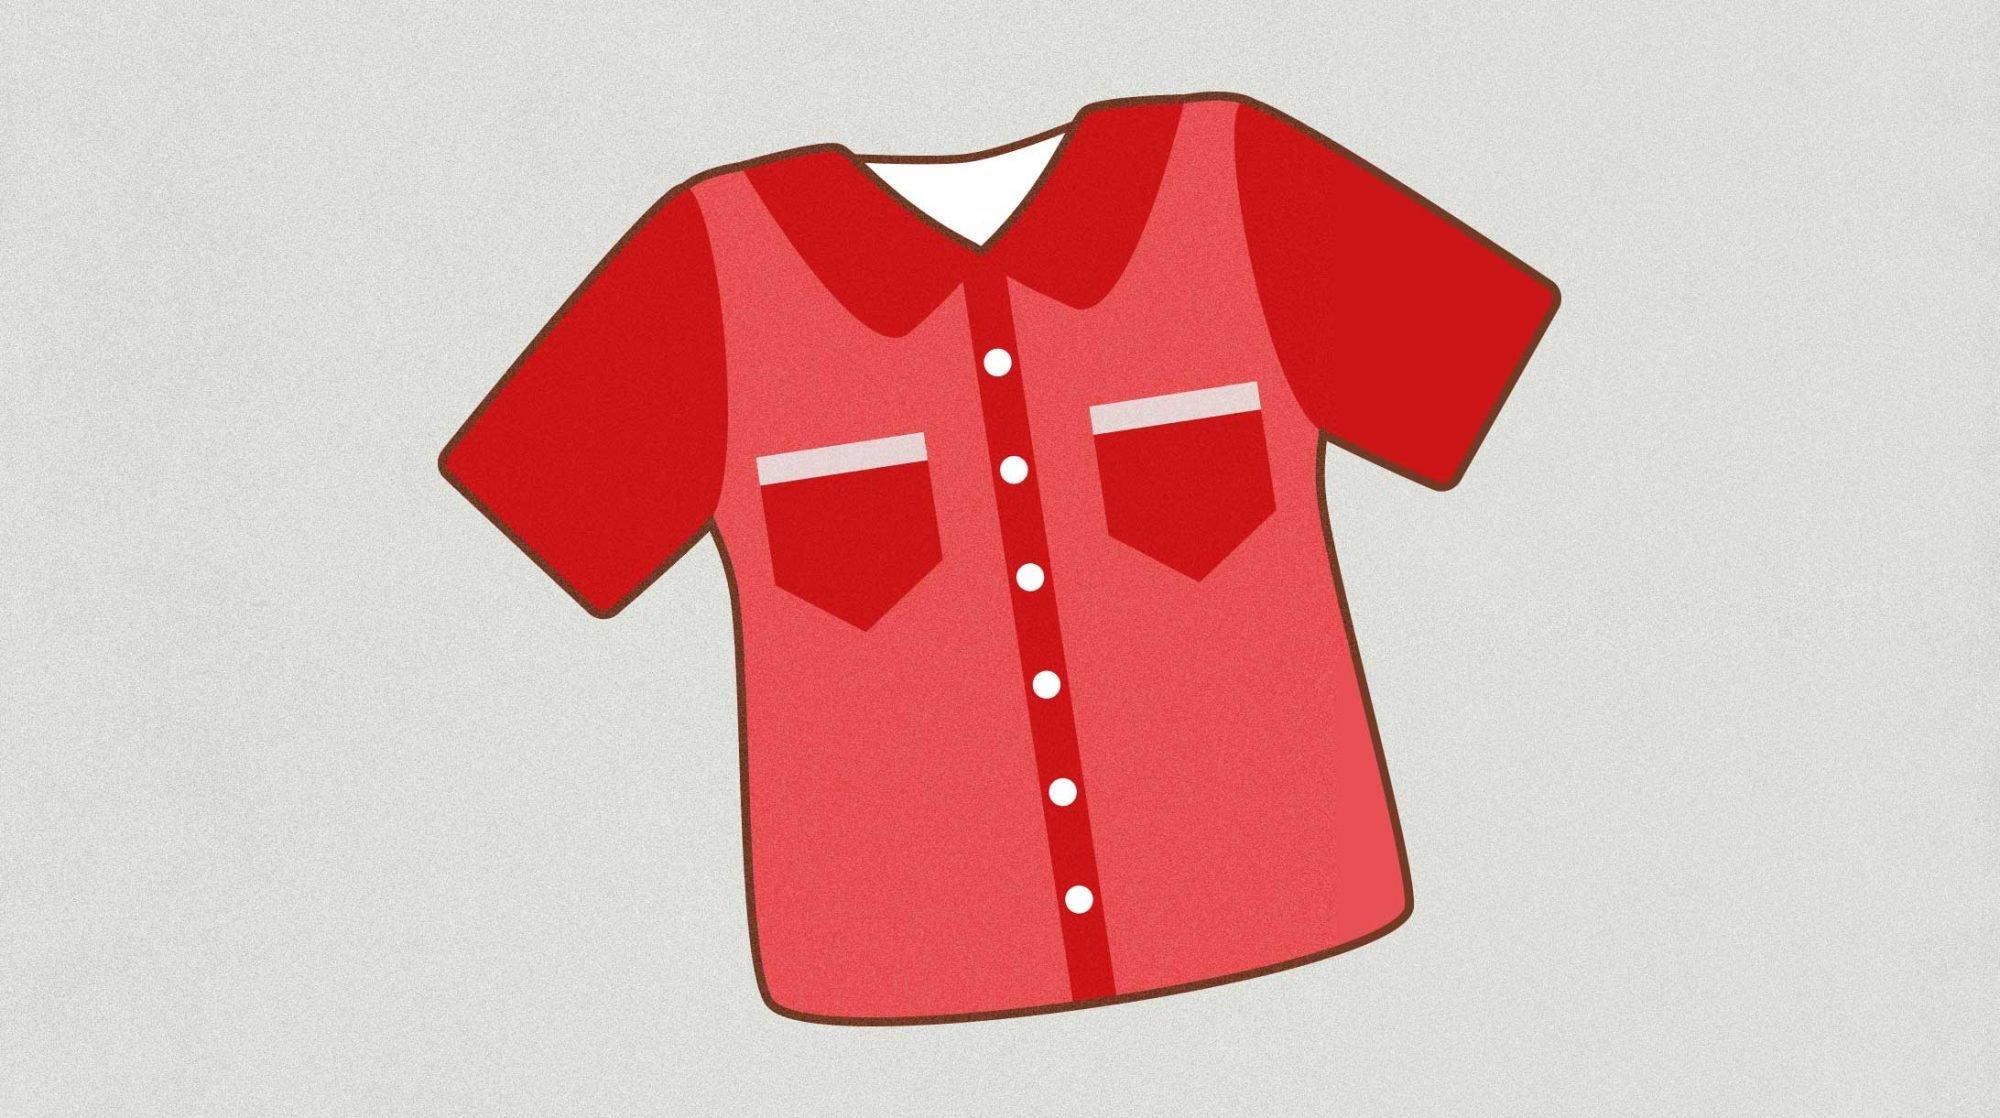 Geburtsrituale: Illustration eines roten Hemdchens.